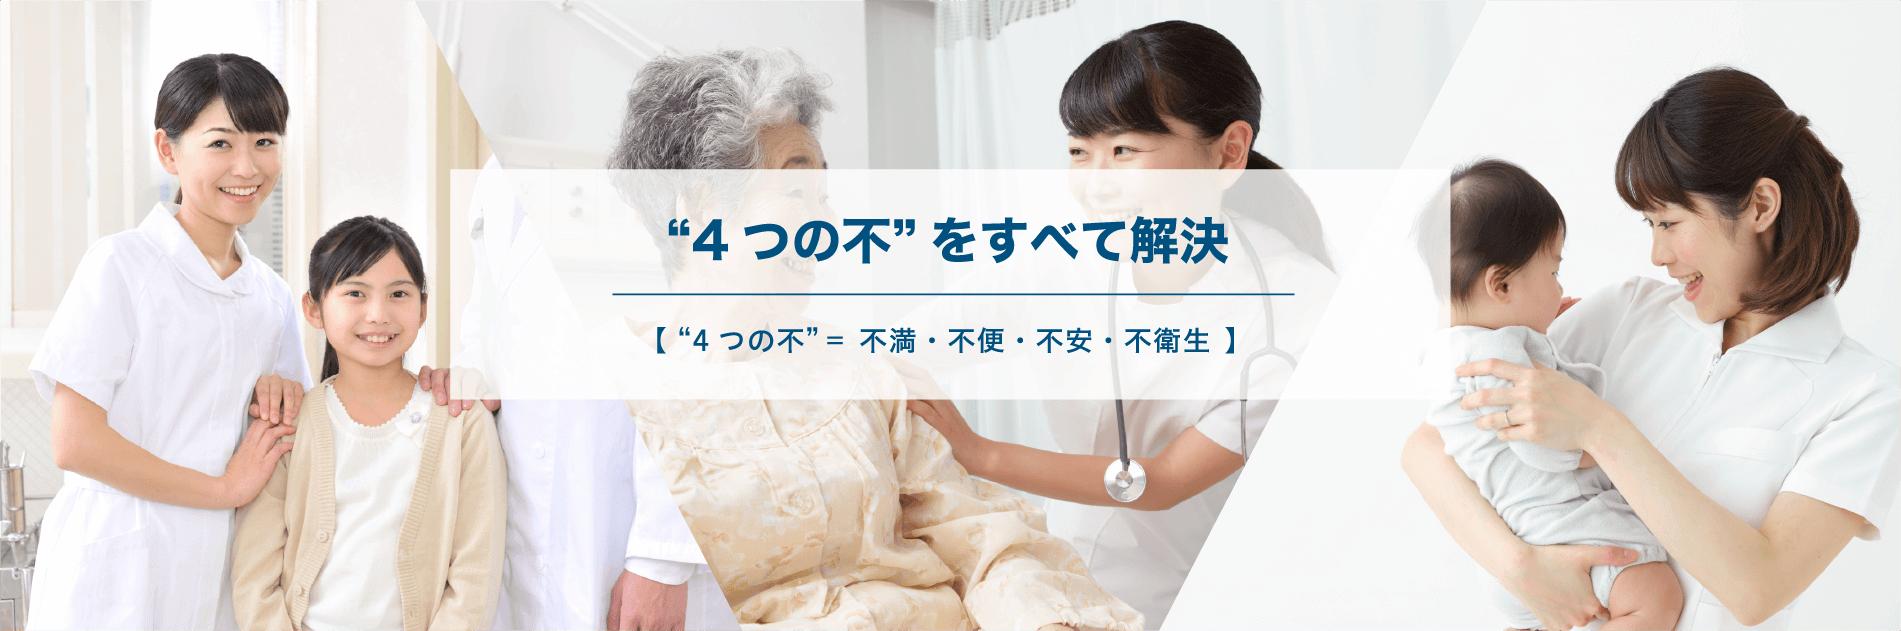 """""""4つの不""""をすべて解決 【""""4つの不""""= 不満・不便・不安・不衛生】"""